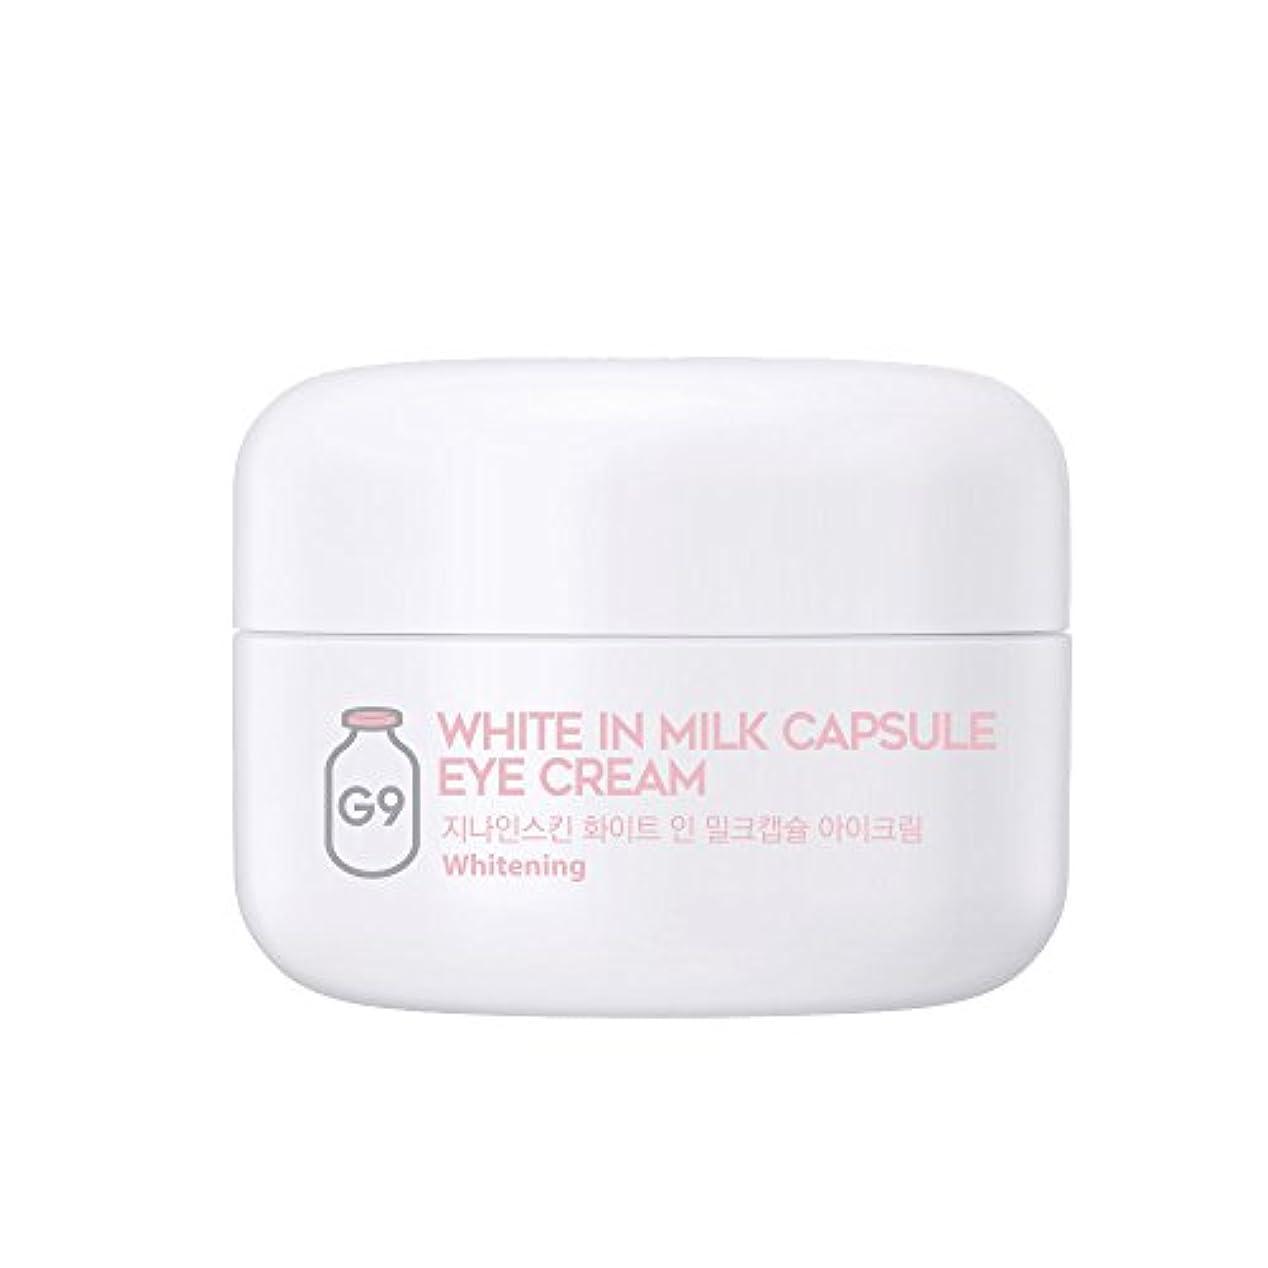 スリット適応するフォークG9SKIN(ベリサム) White In Milk Capsule Eye Cream ホワイトインミルクカプセルアイクリーム 30g